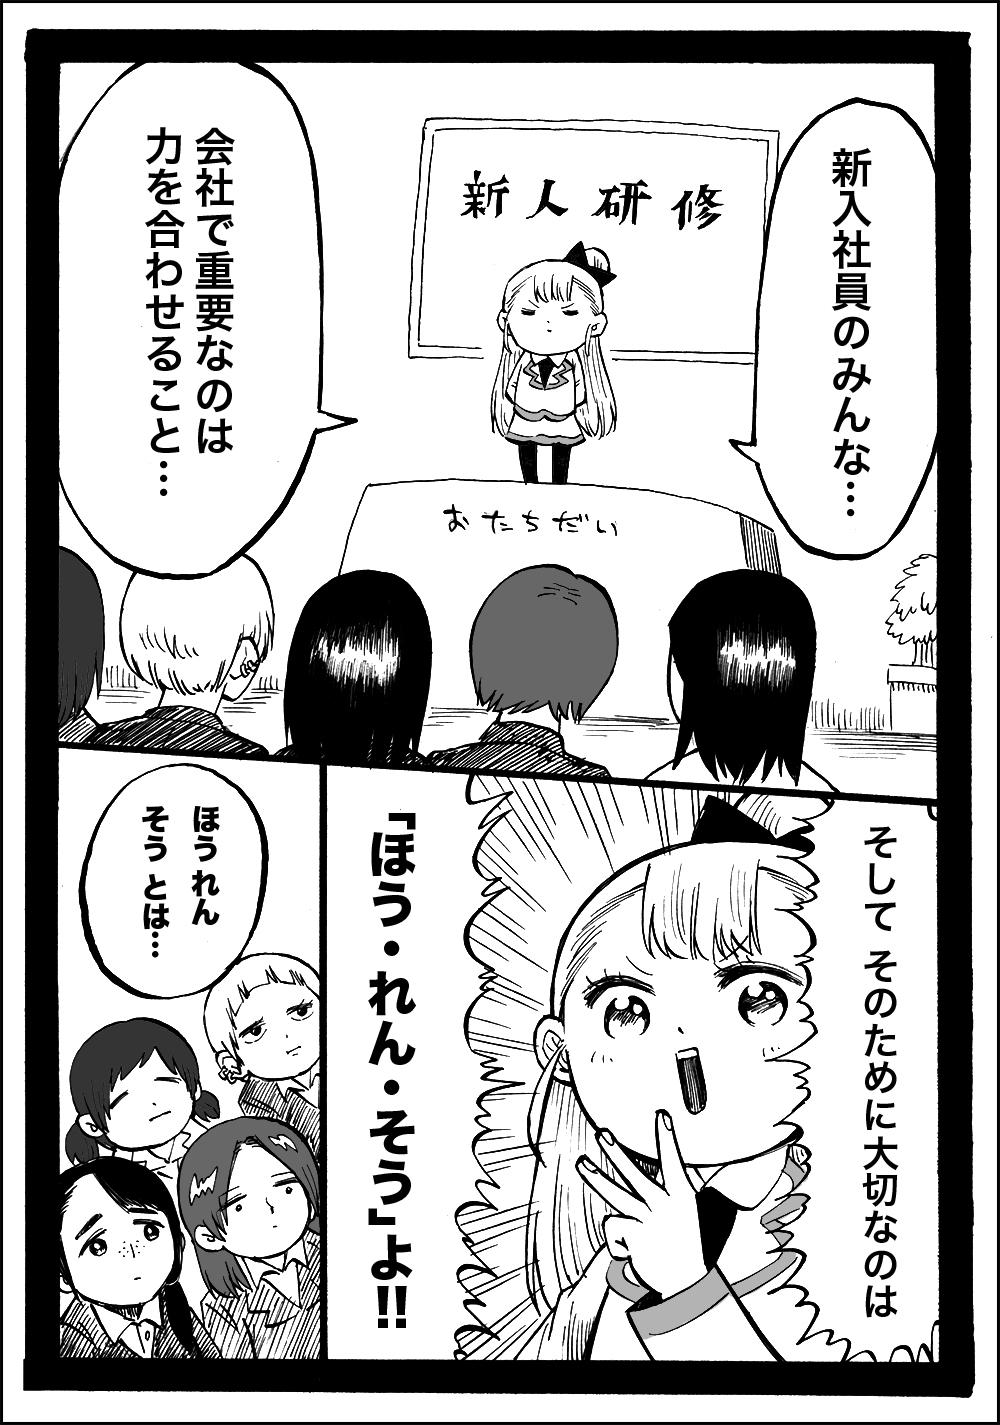 幼女社長(しんじんけんしゅう(単行本収録))